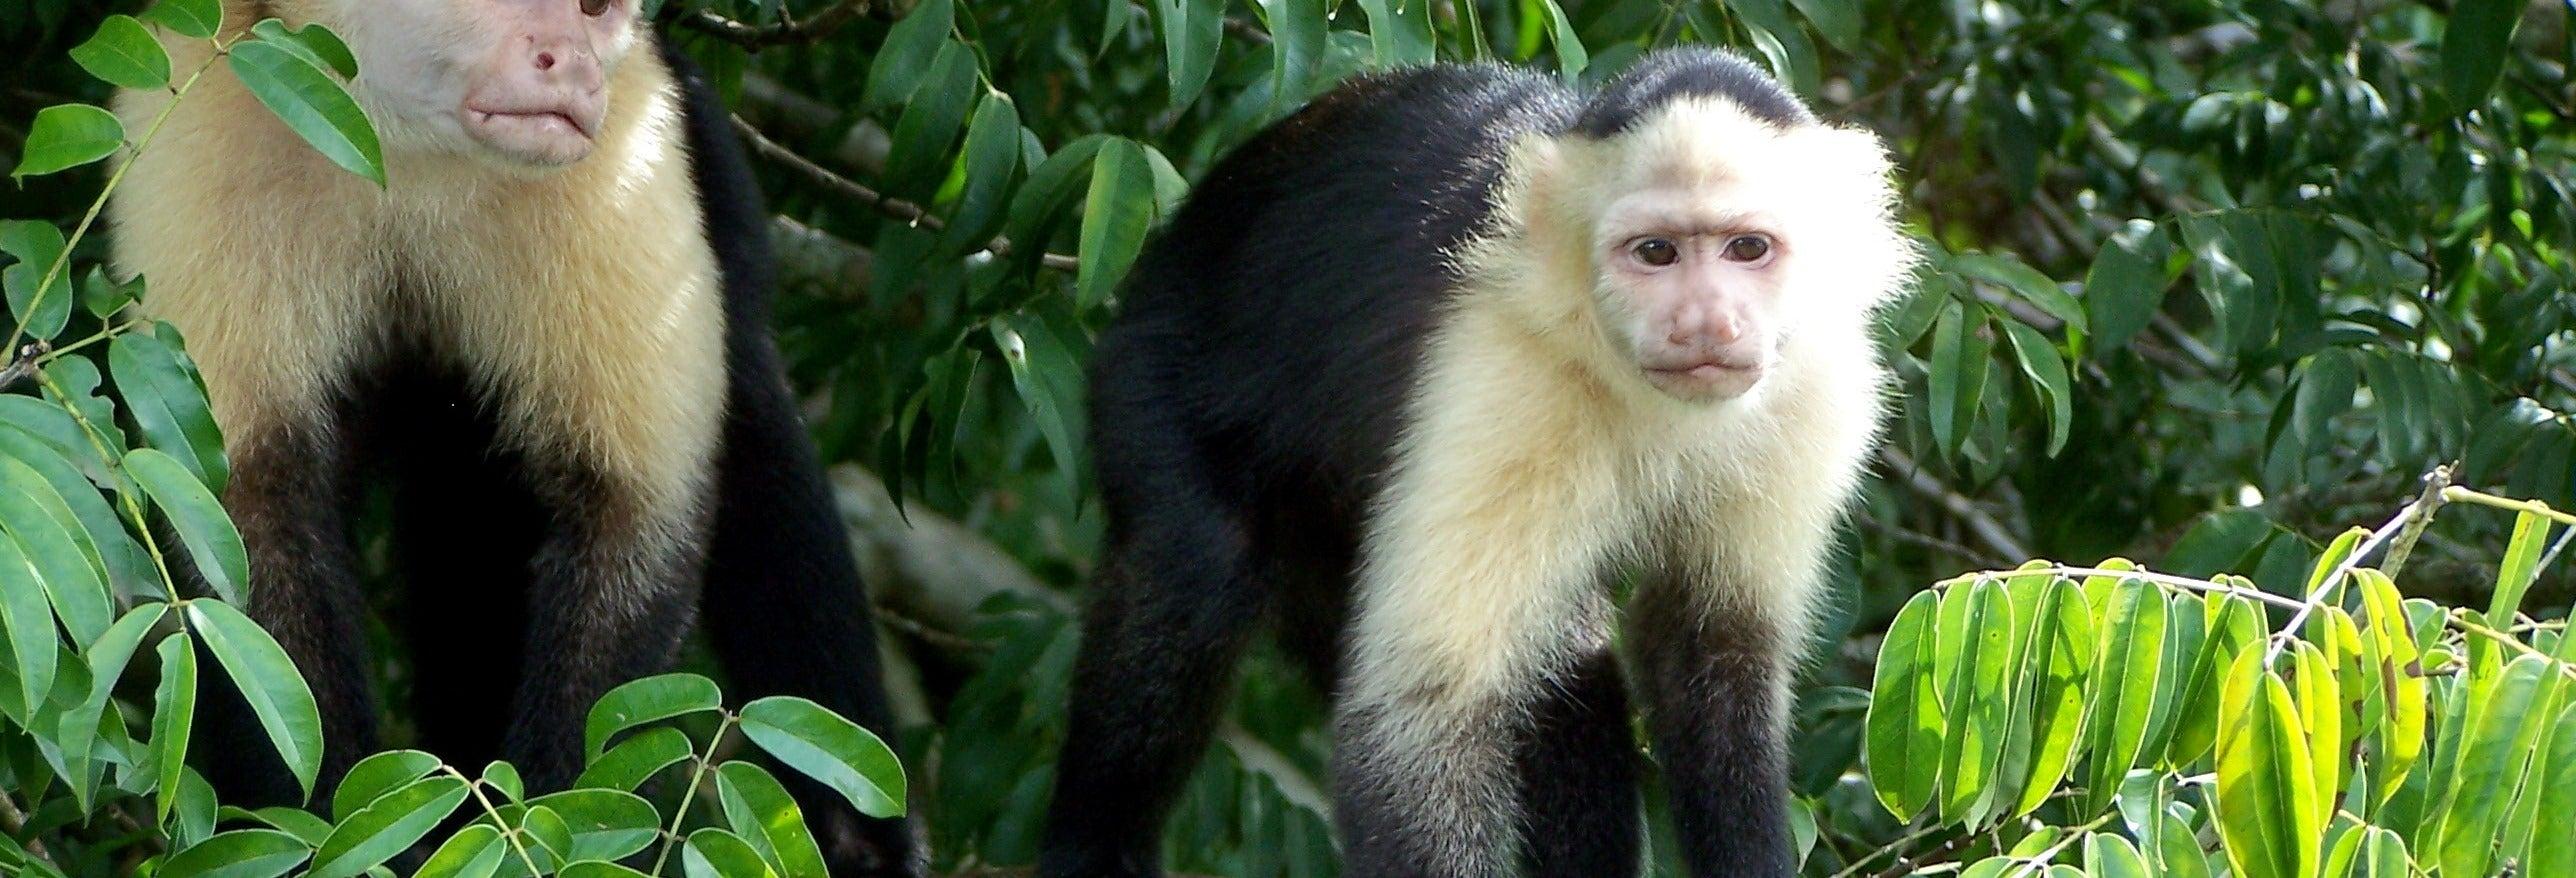 Excursión a Isla Monos y Gamboa Rainforest Resort